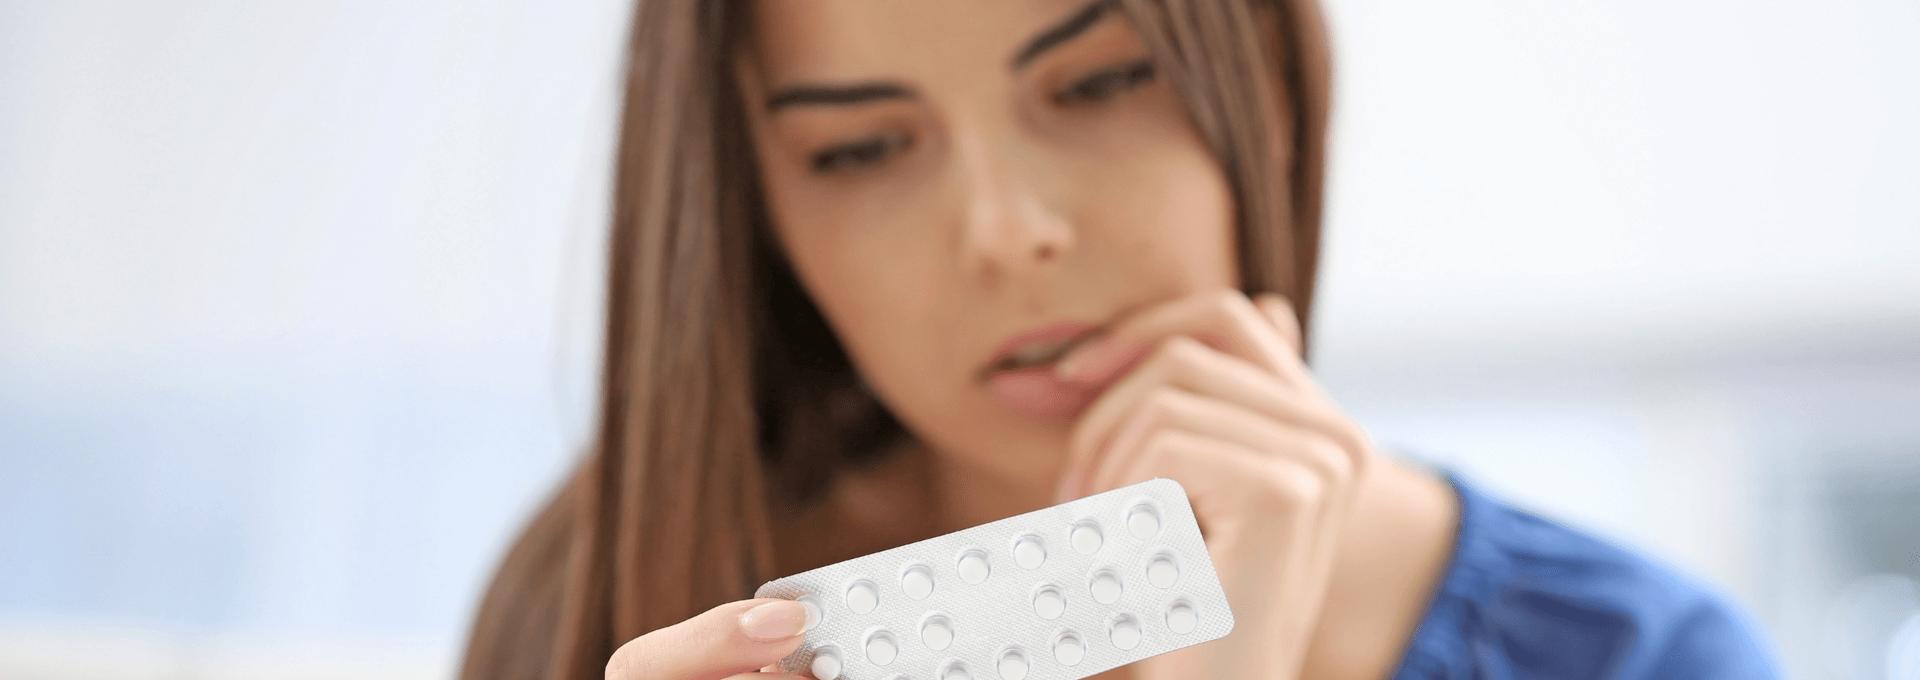 Antykoncepcja hormonalna — jakie badania wykonać przed jej stosowaniem